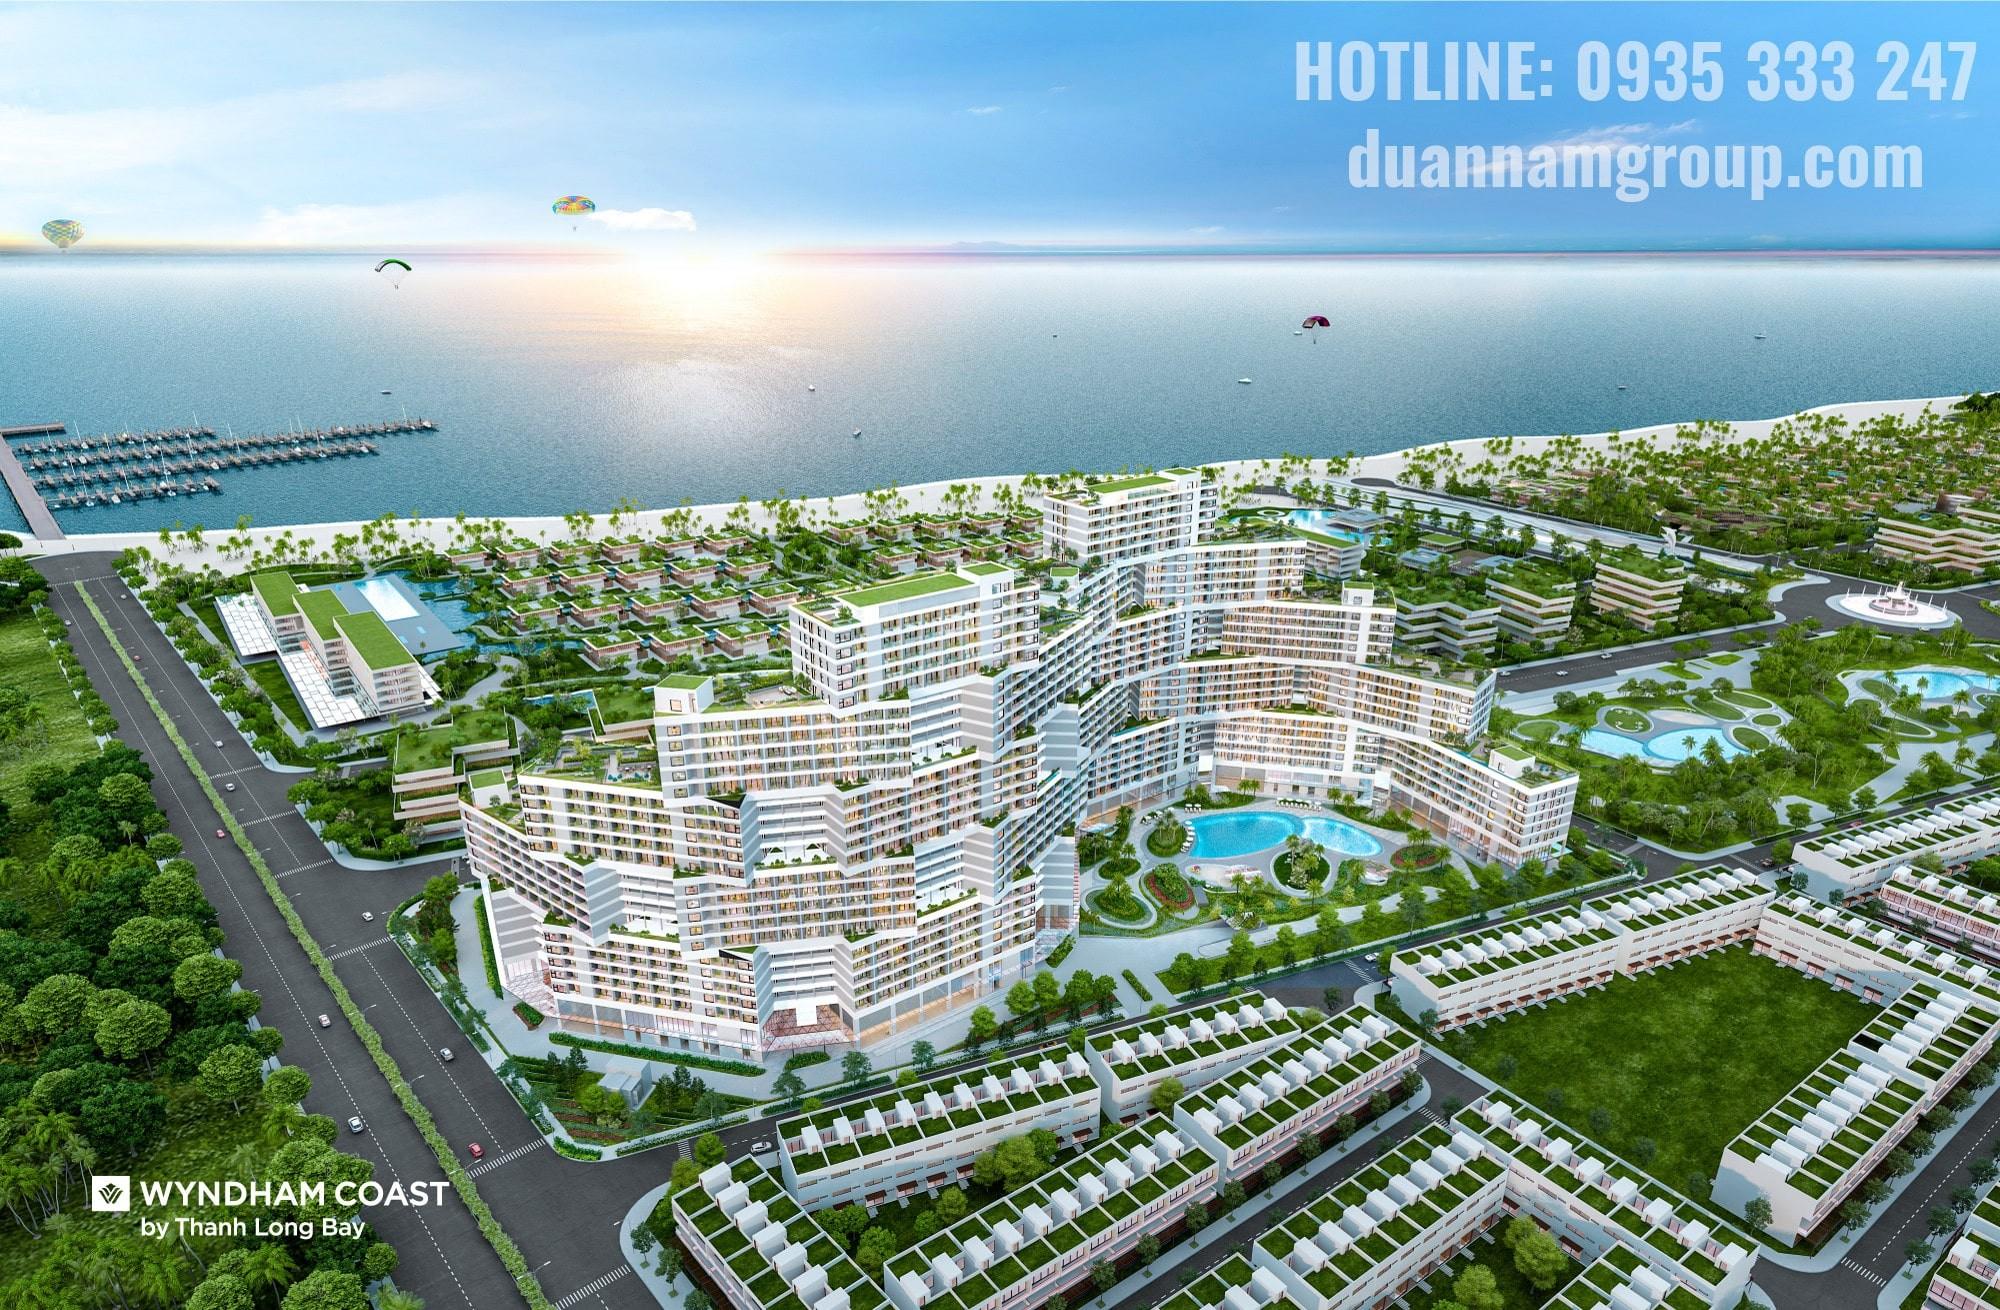 Wyndham Coast Thanh Long Bay